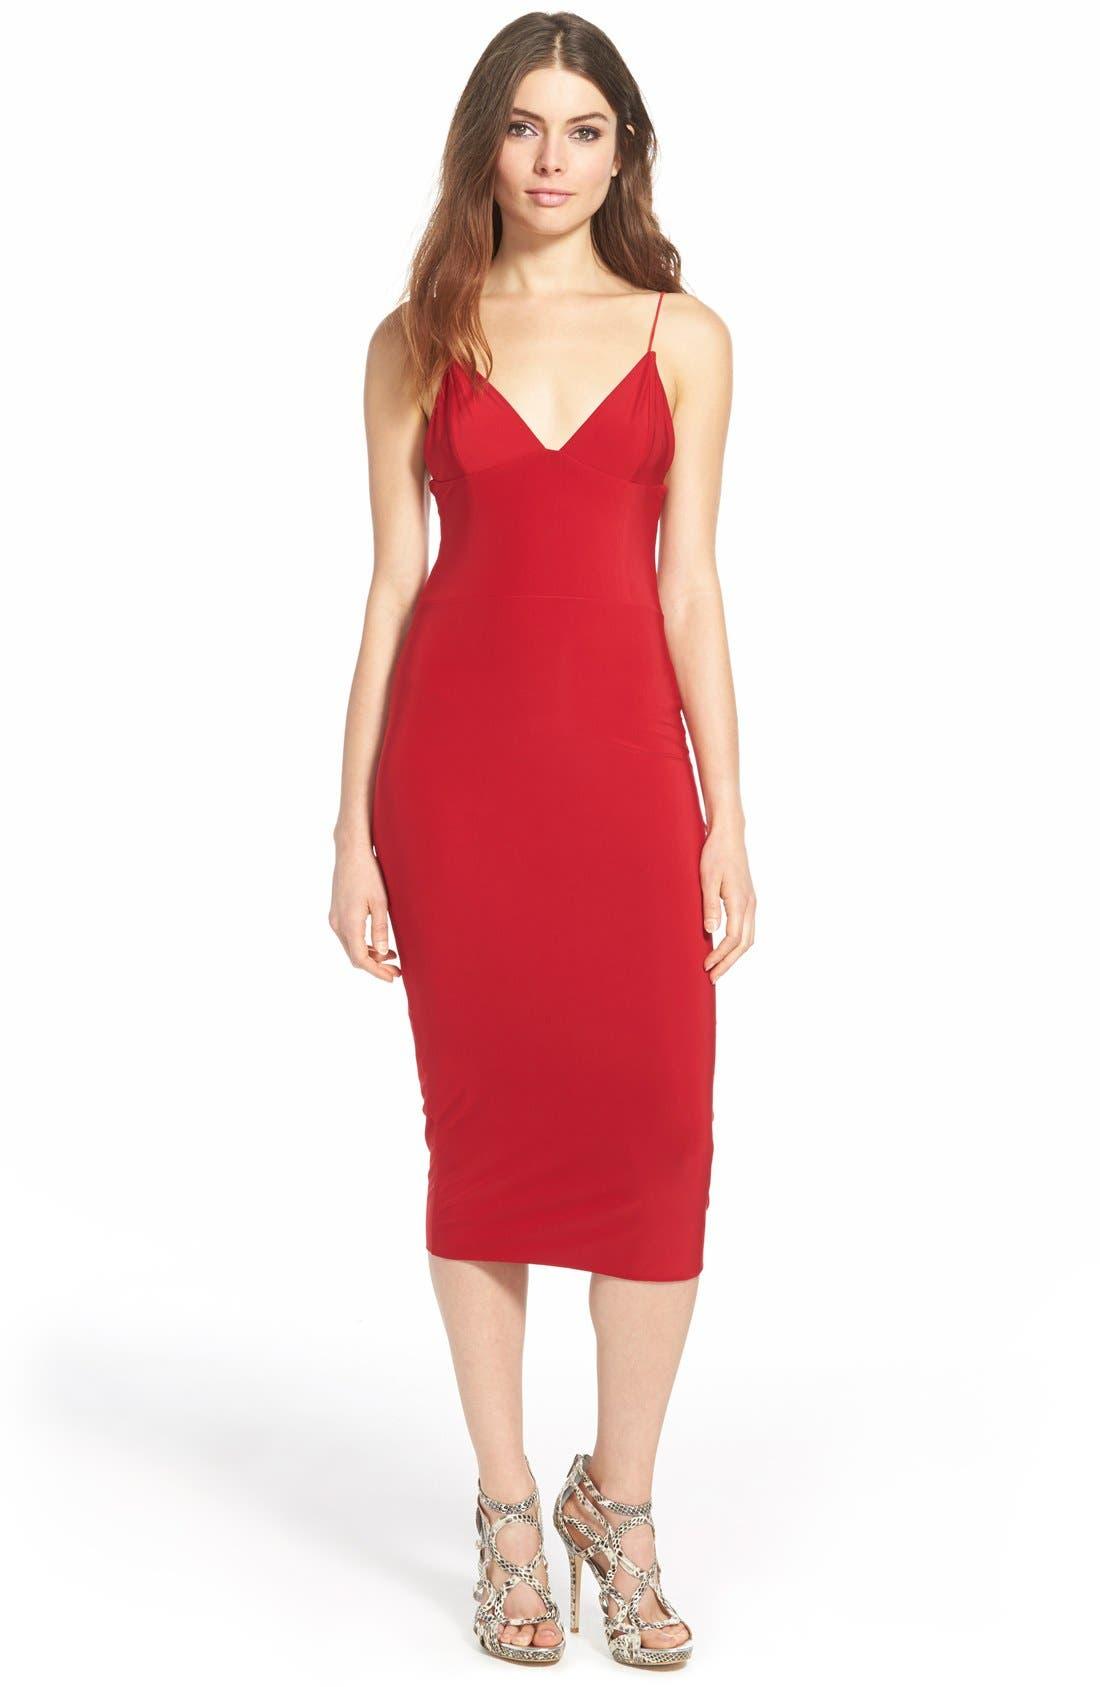 Alternate Image 1 Selected - MissguidedV-Neck Midi Dress